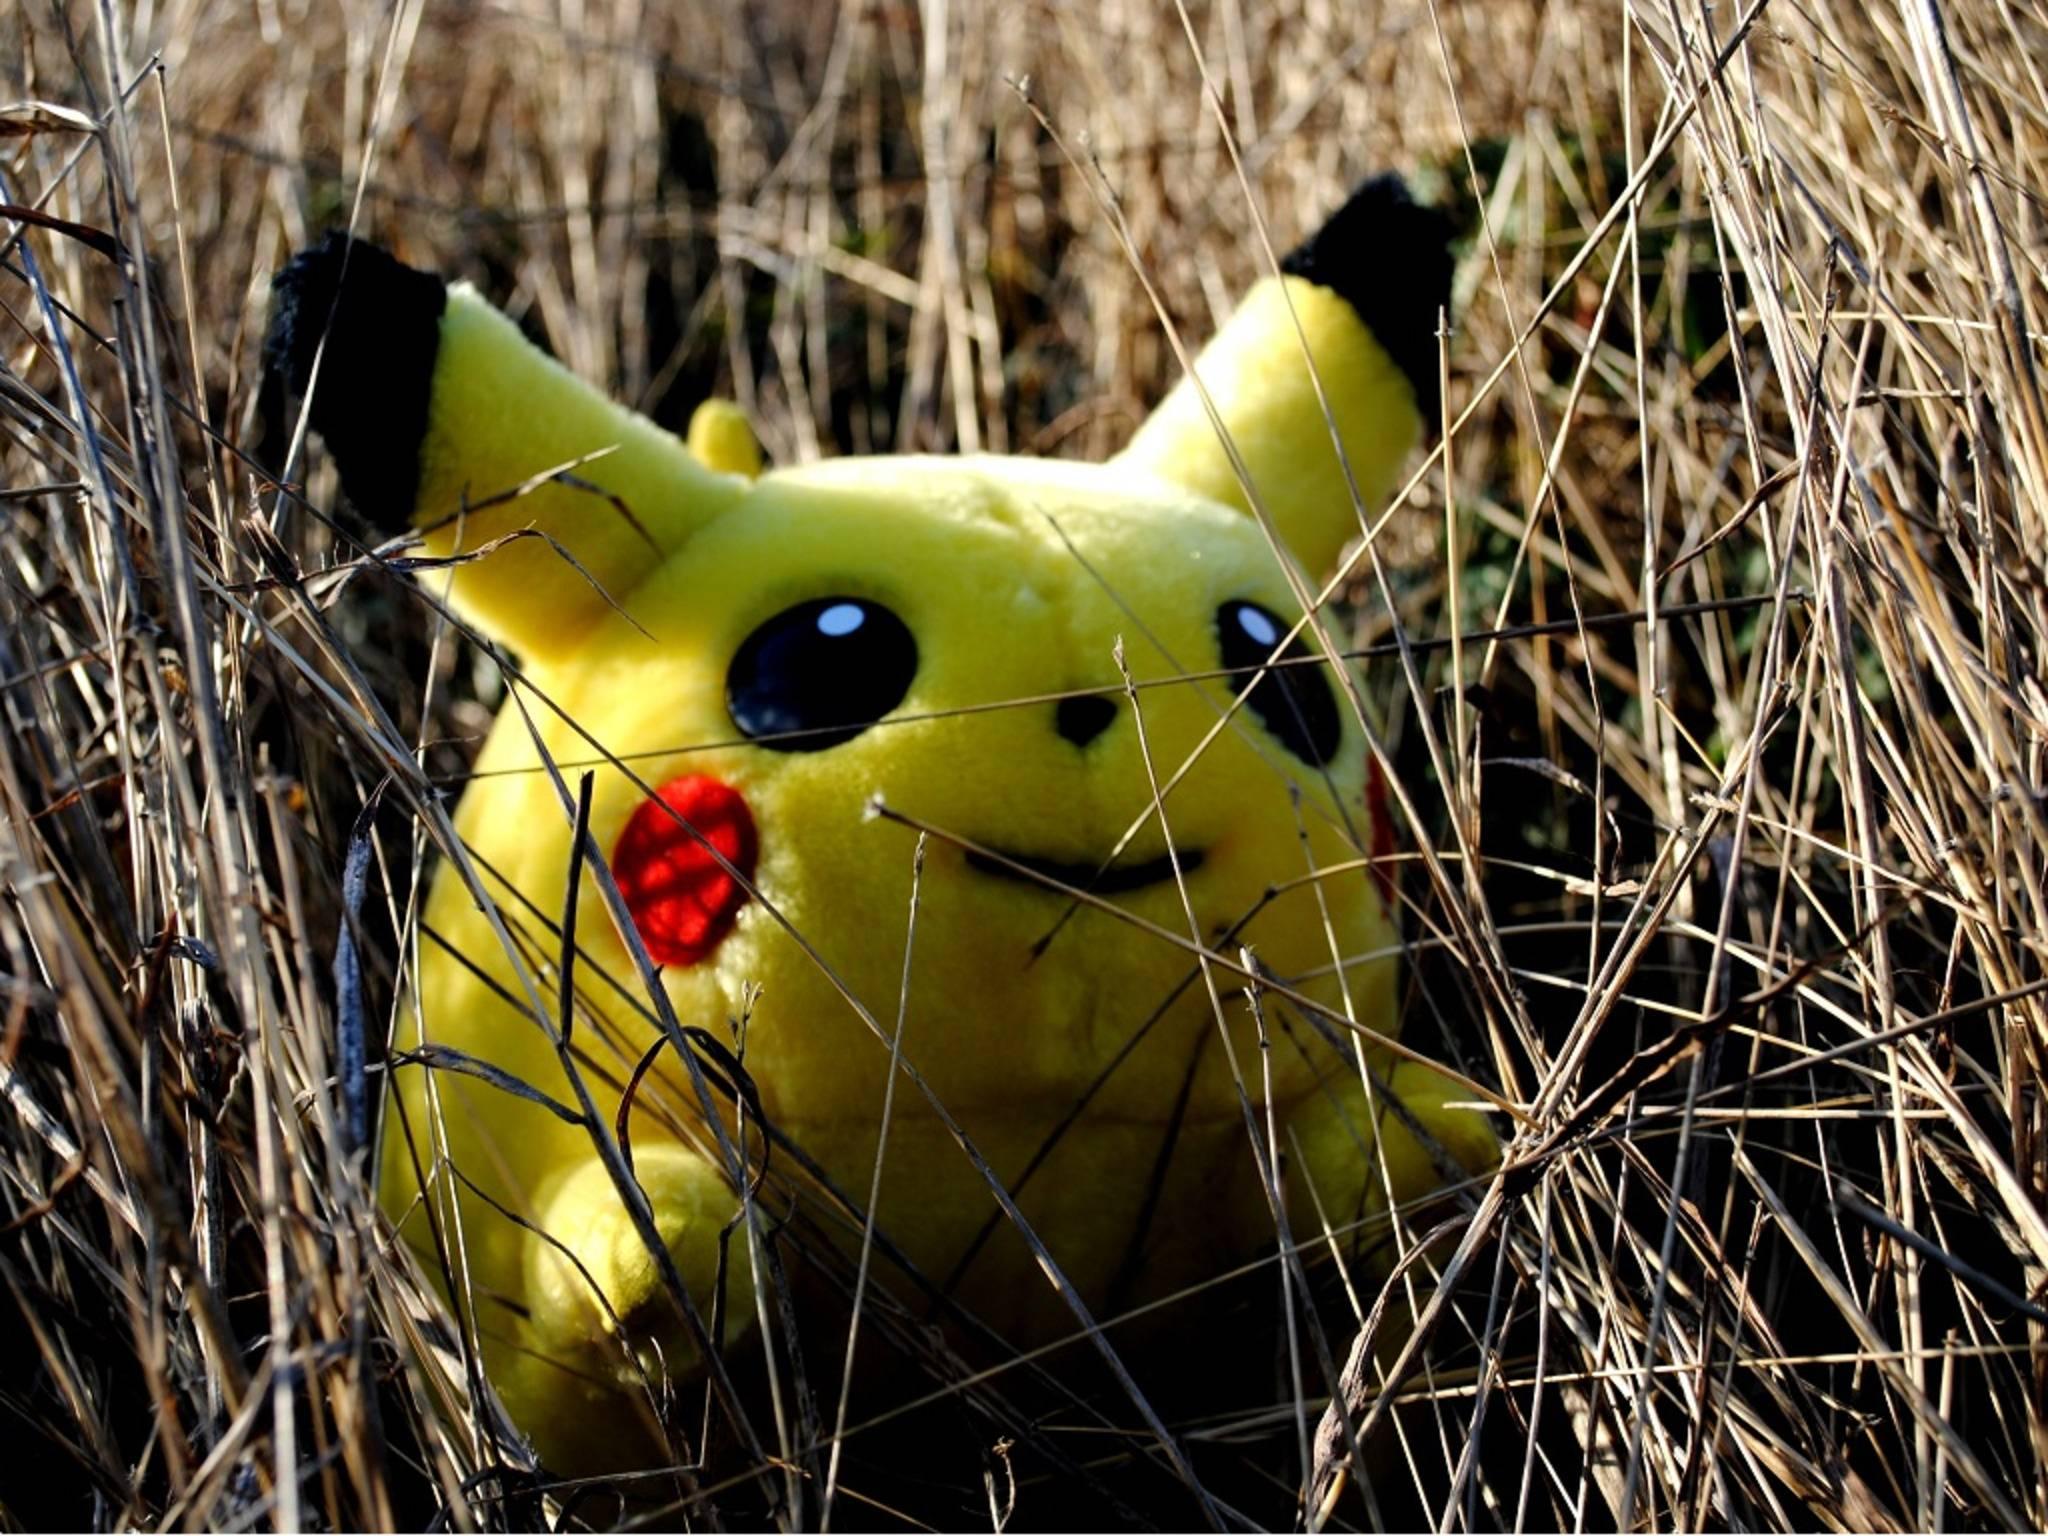 Er sieht ganz harmlos aus, aber so ein Pokémon kann sich zum echten Eroberer aufschwingen.